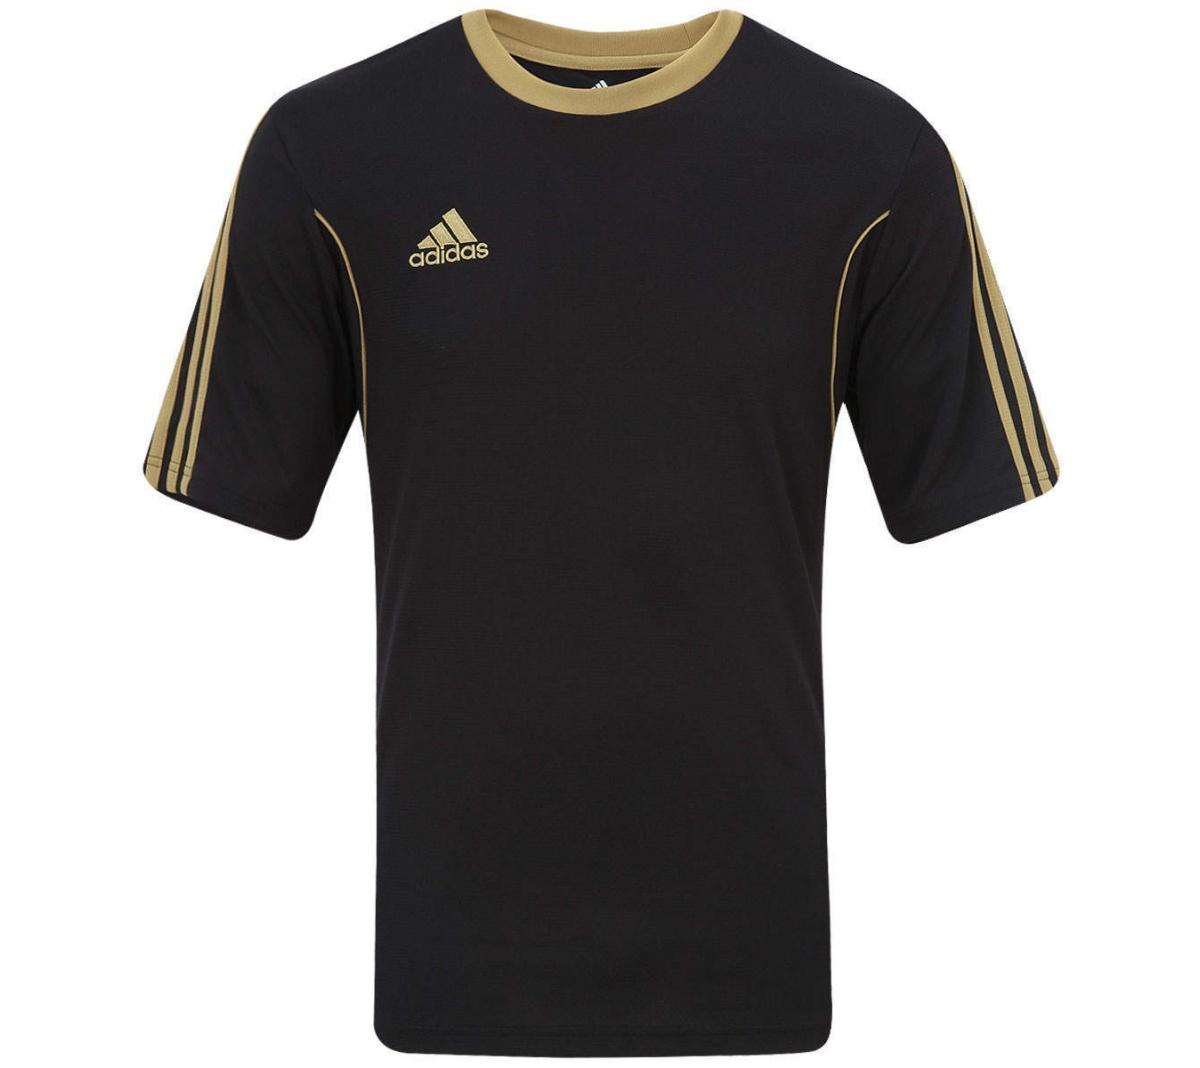 b49a60754b Camisa Adidas Squadra 13 Vermelha - Mundo do Futebol